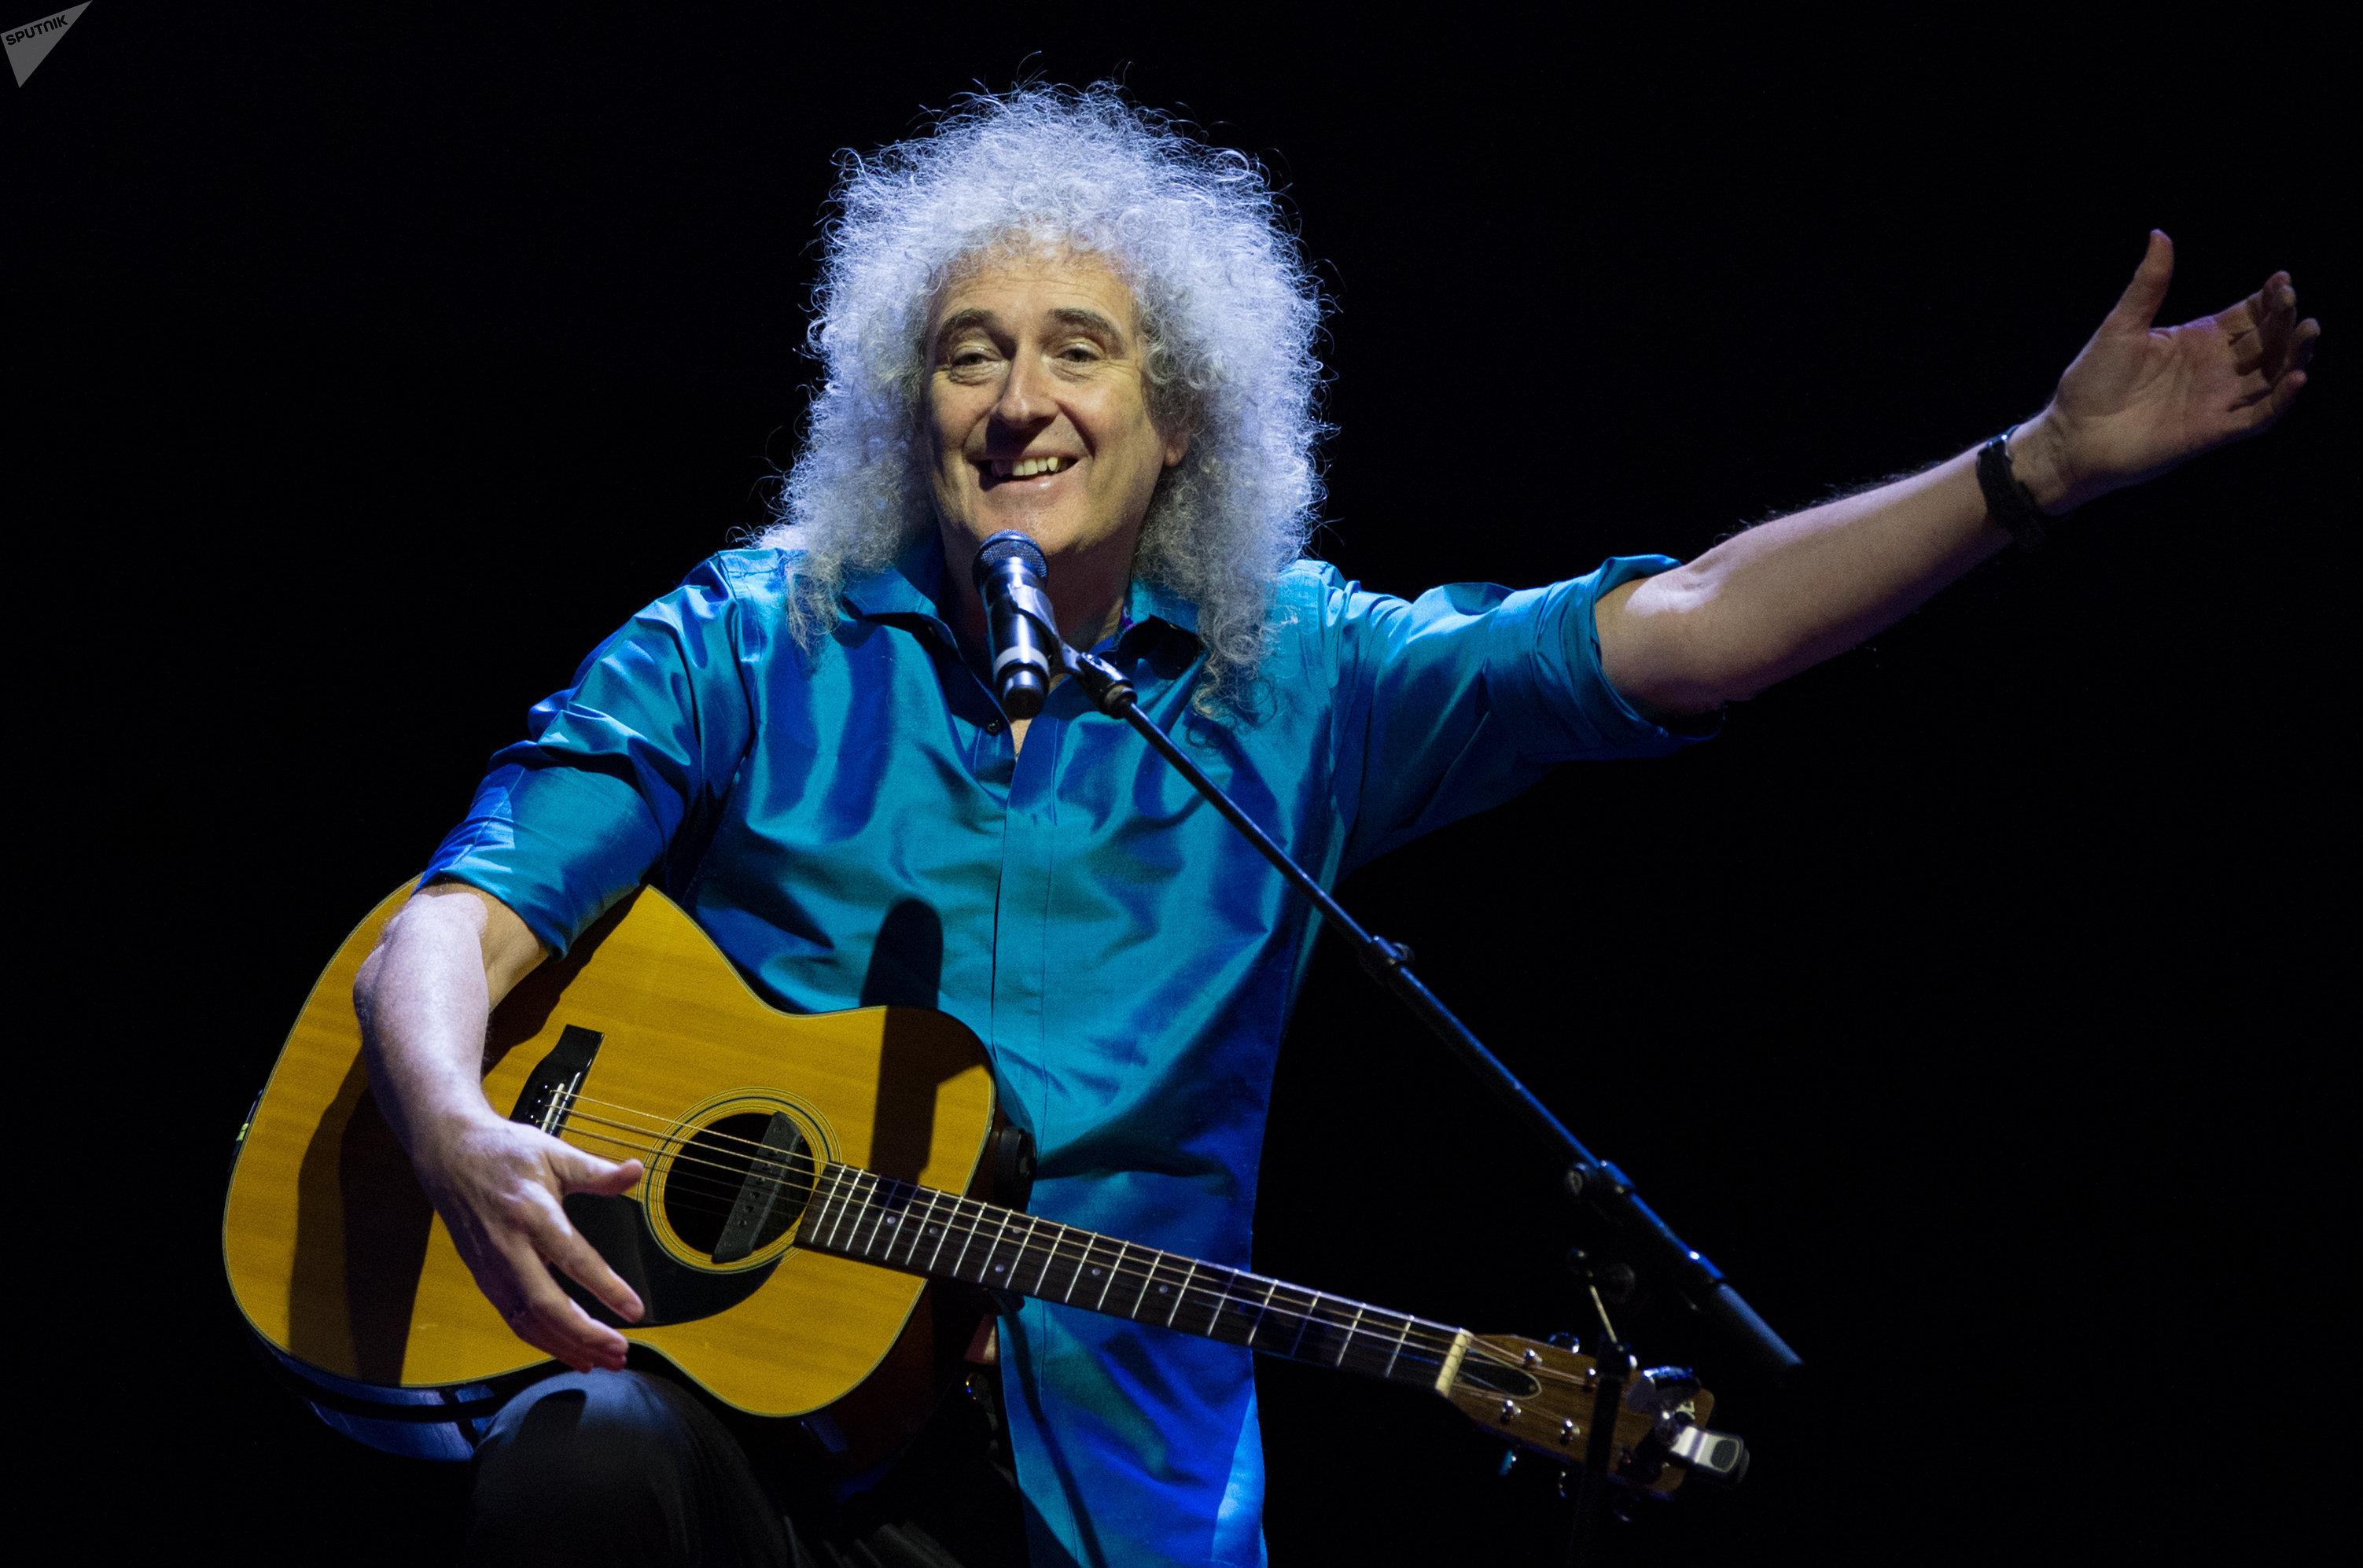 Концерт гитариста группы Queen Брайана Мэя